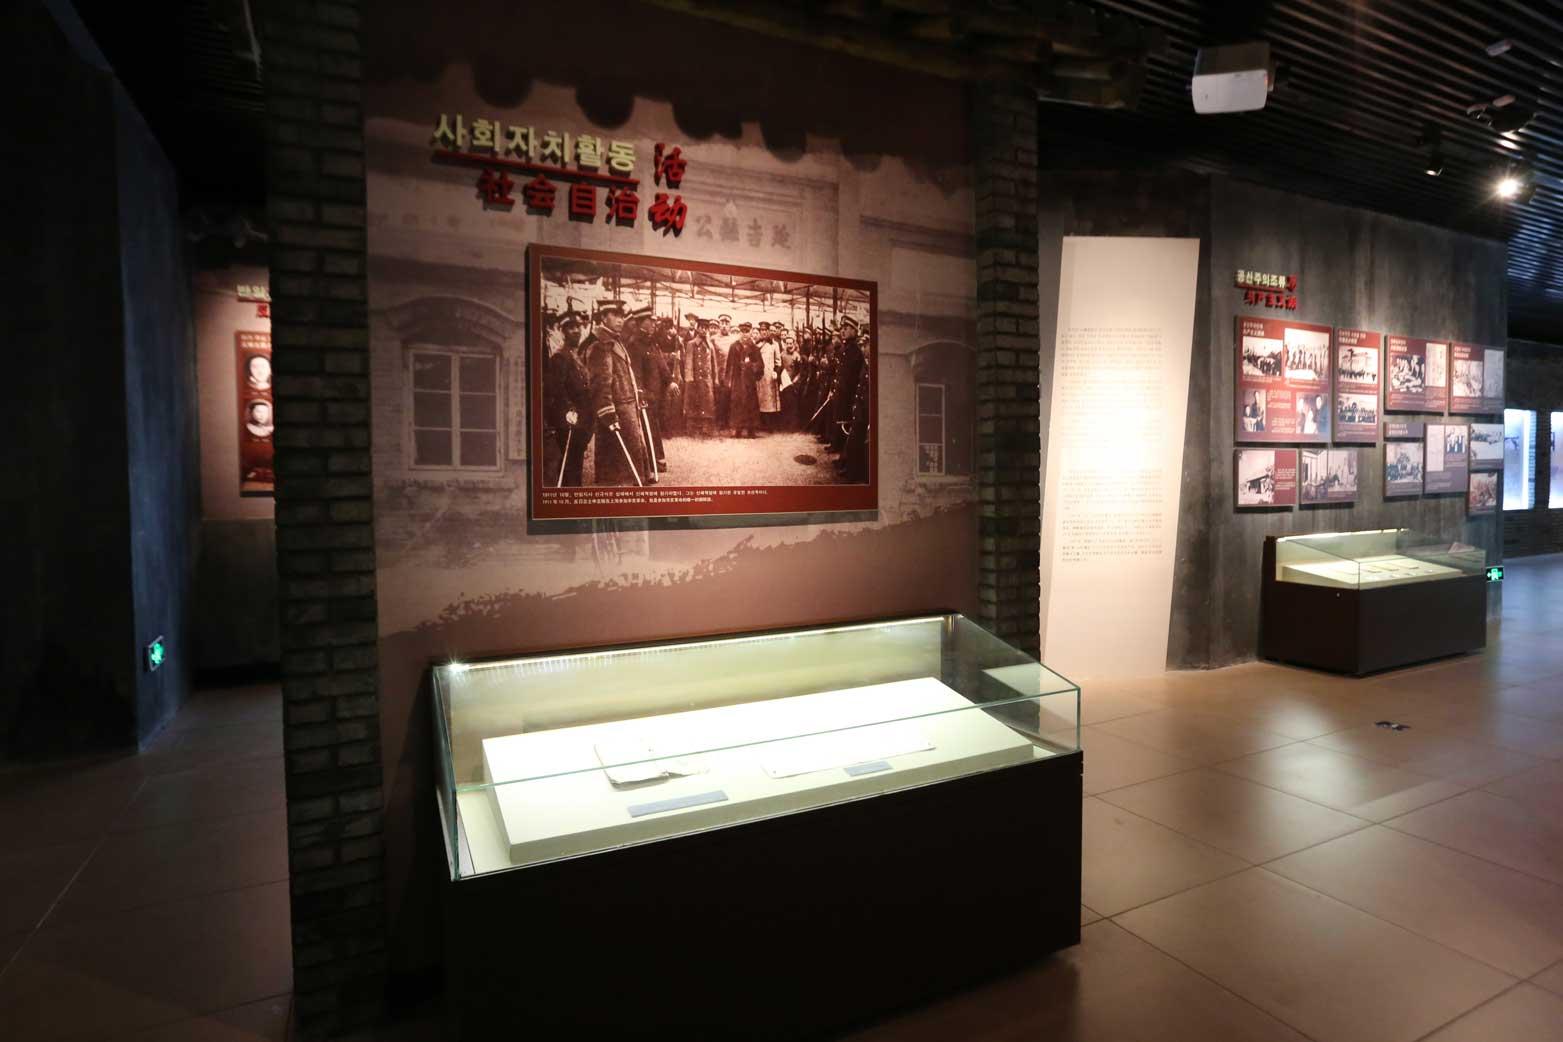 延辺朝鮮族自治州60周年にできた延辺博物館と朝鮮族の冷めた関係_b0235153_11261662.jpg